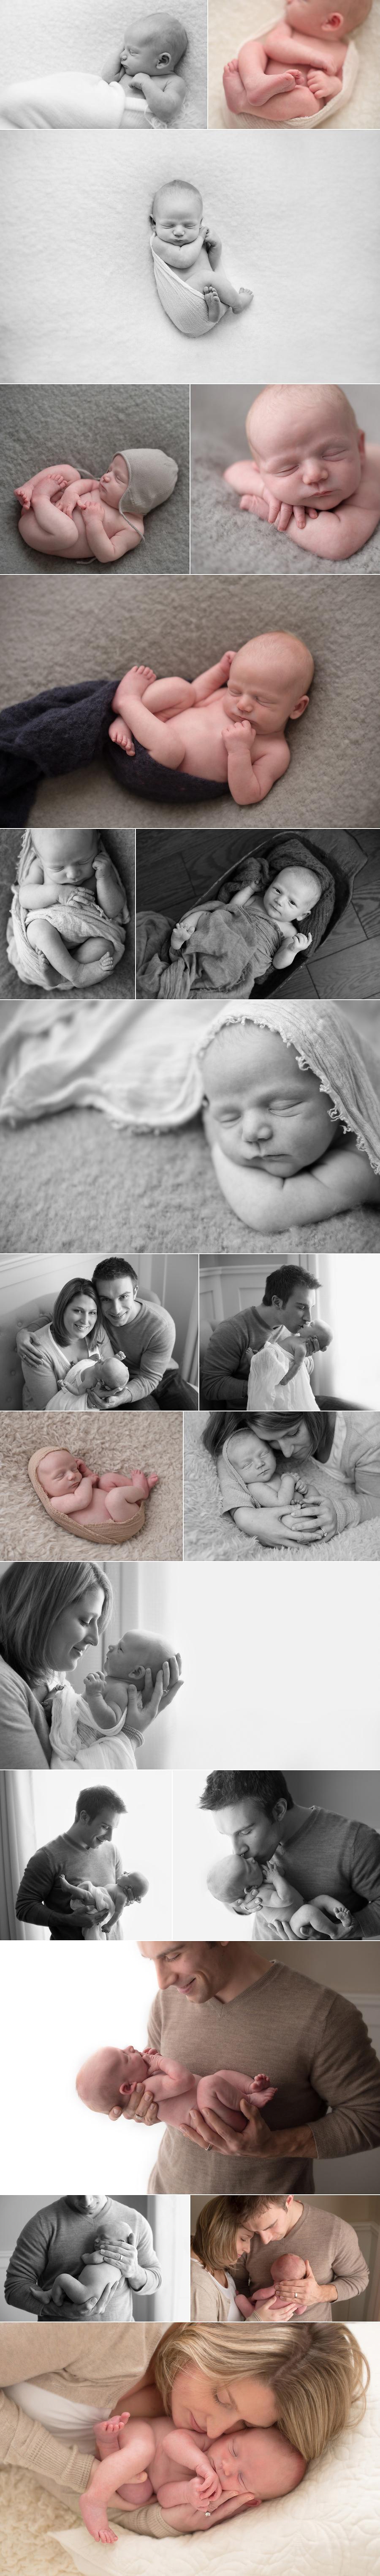 kerianne brown mom/dad newborn